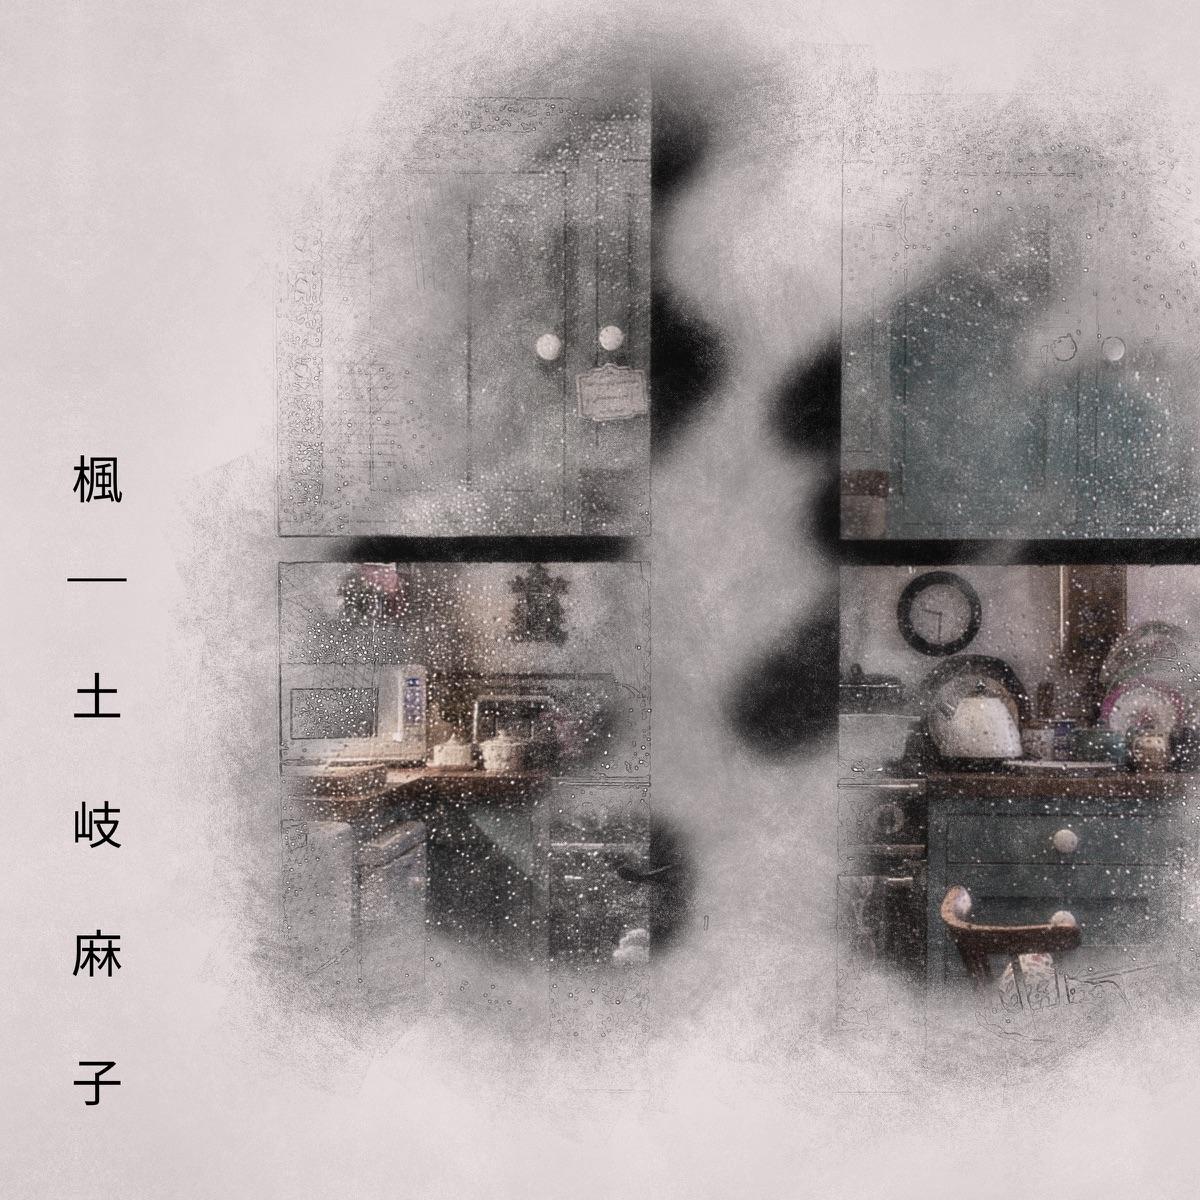 『土岐麻子 - 楓 歌詞』収録の『楓』ジャケット